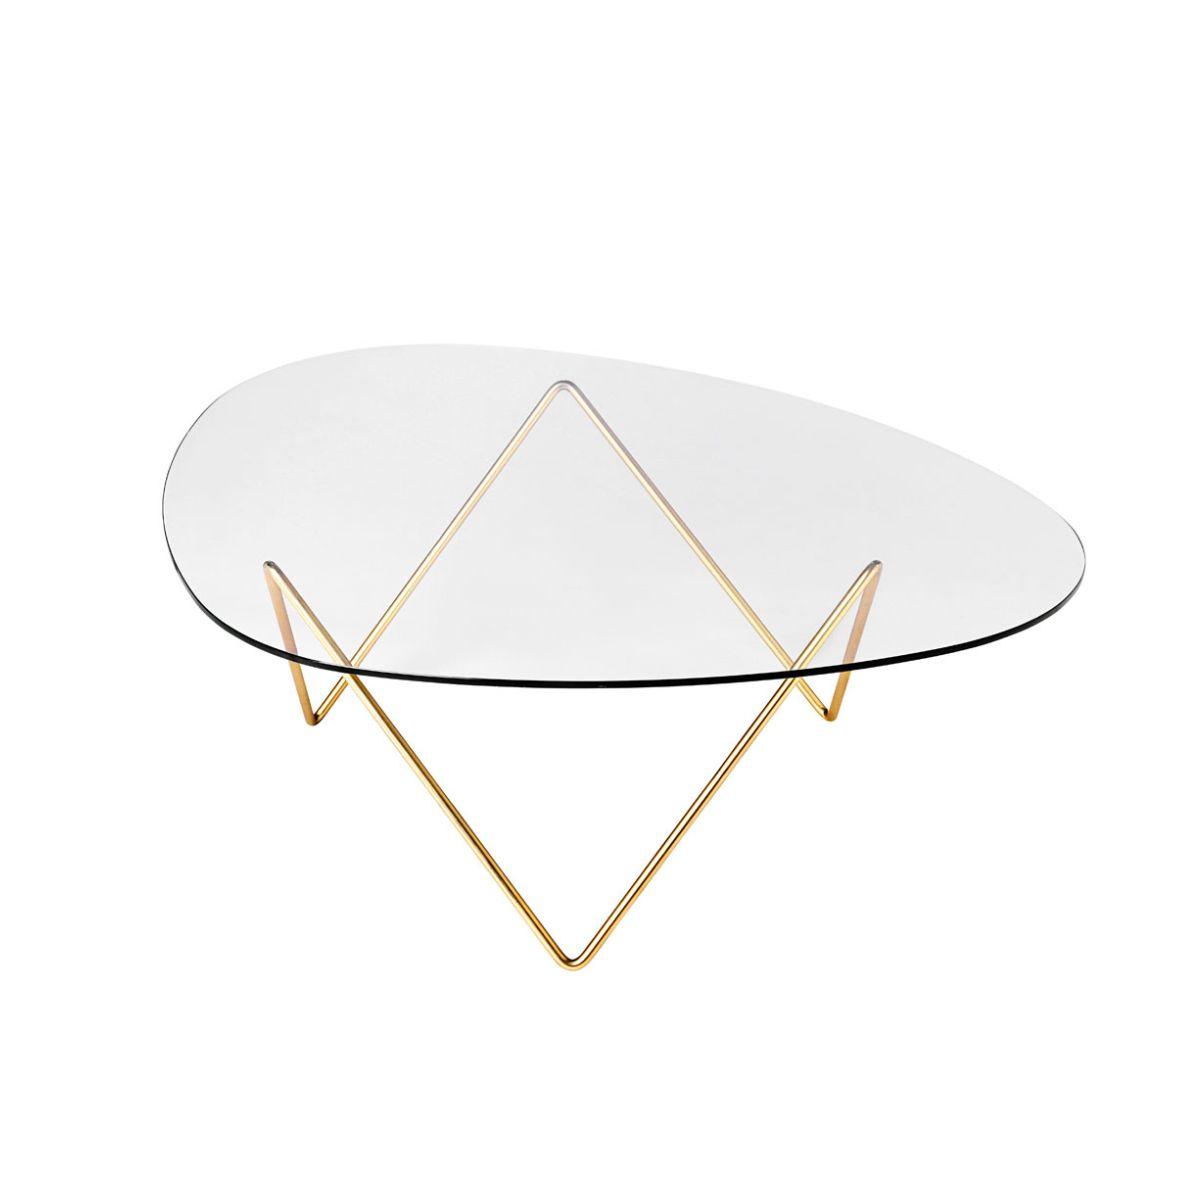 Pedrera Coffee Table Table Glass Design Contemporary Design